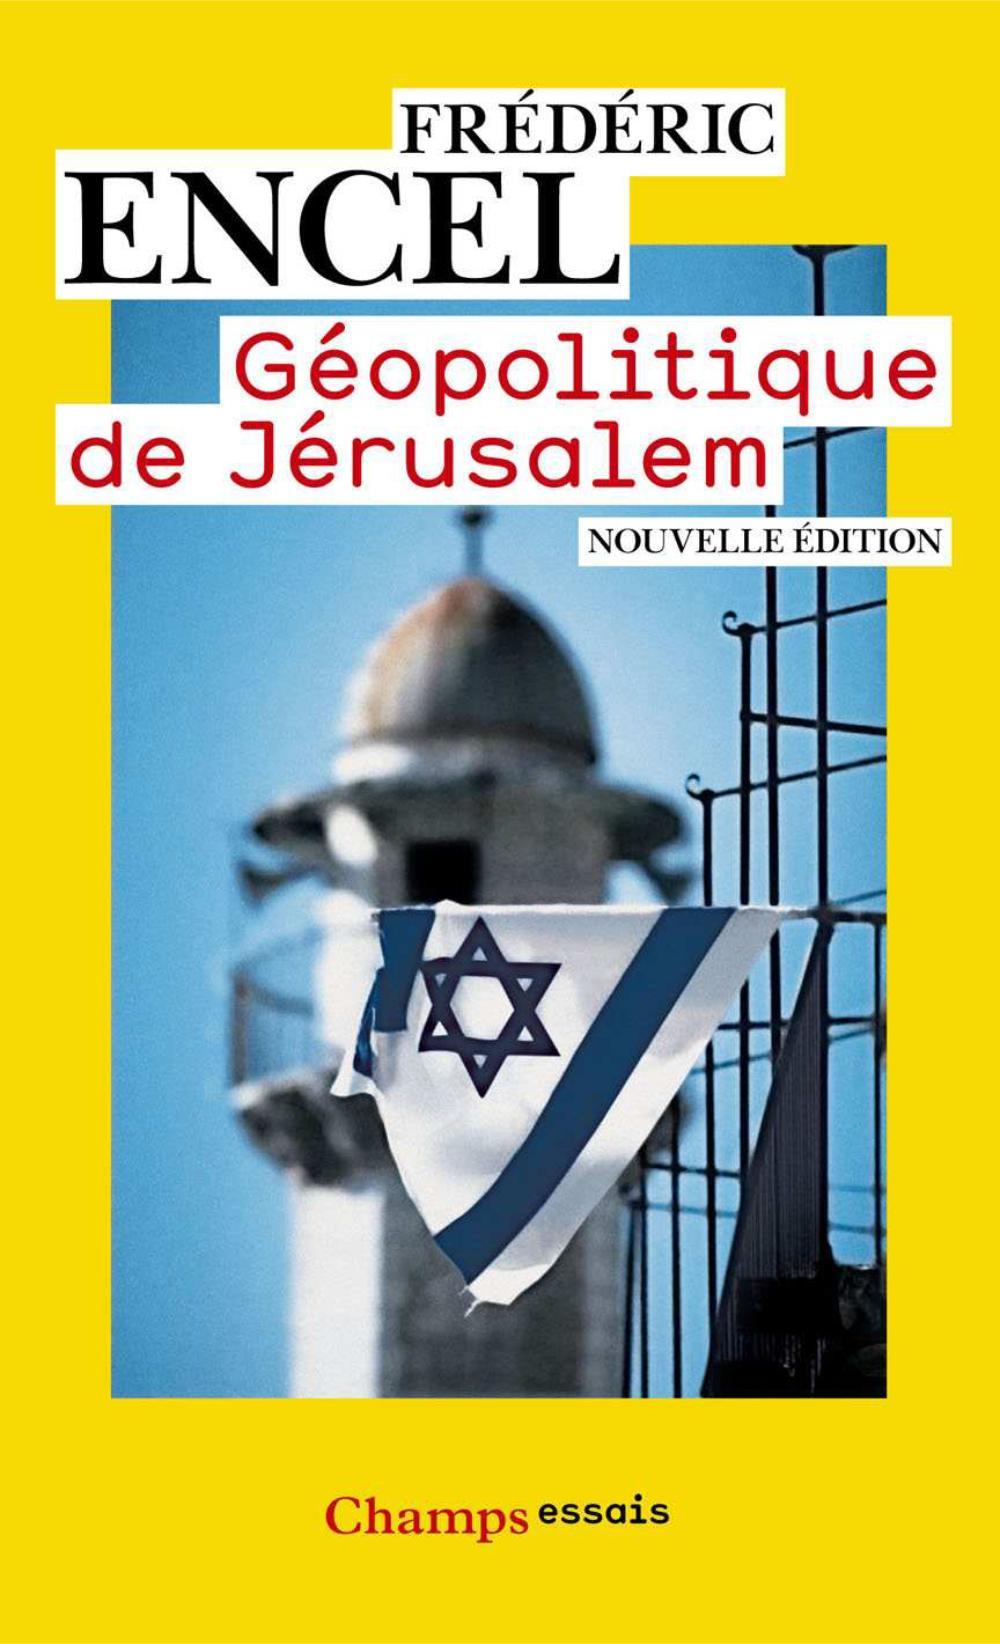 Géopolitique de Jérusalem